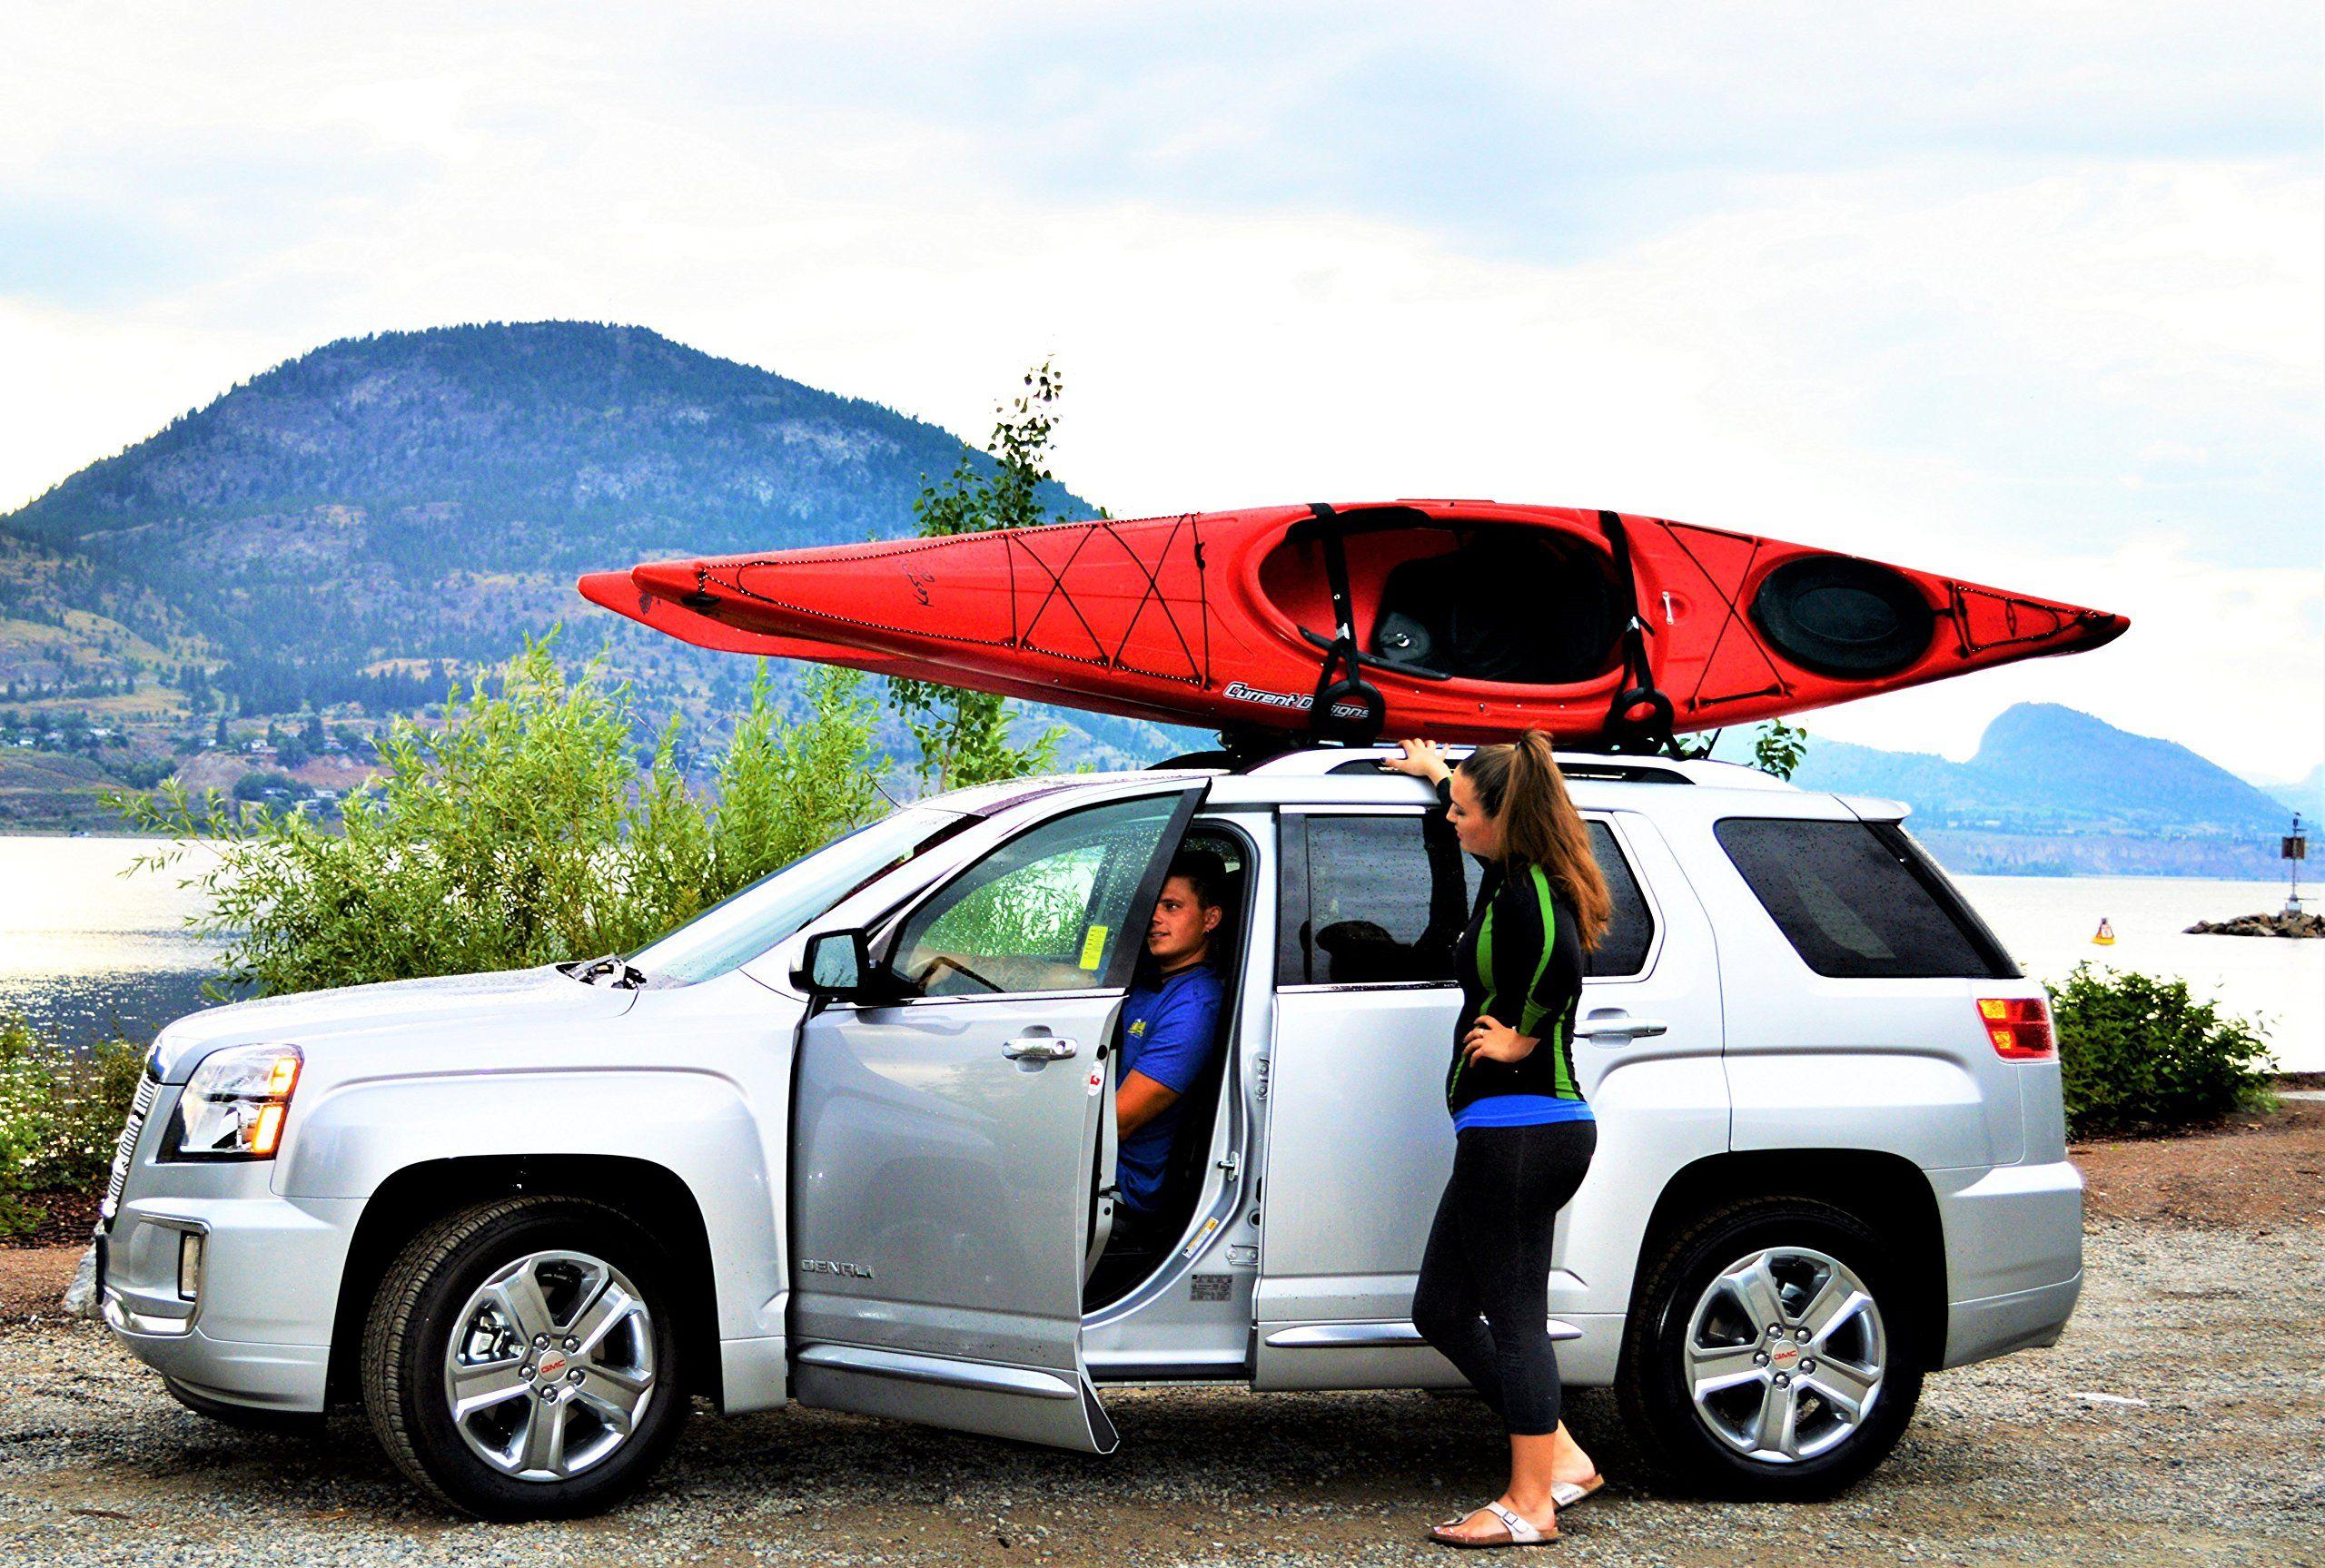 Swagman Contour Roof Mount Kayak Rack